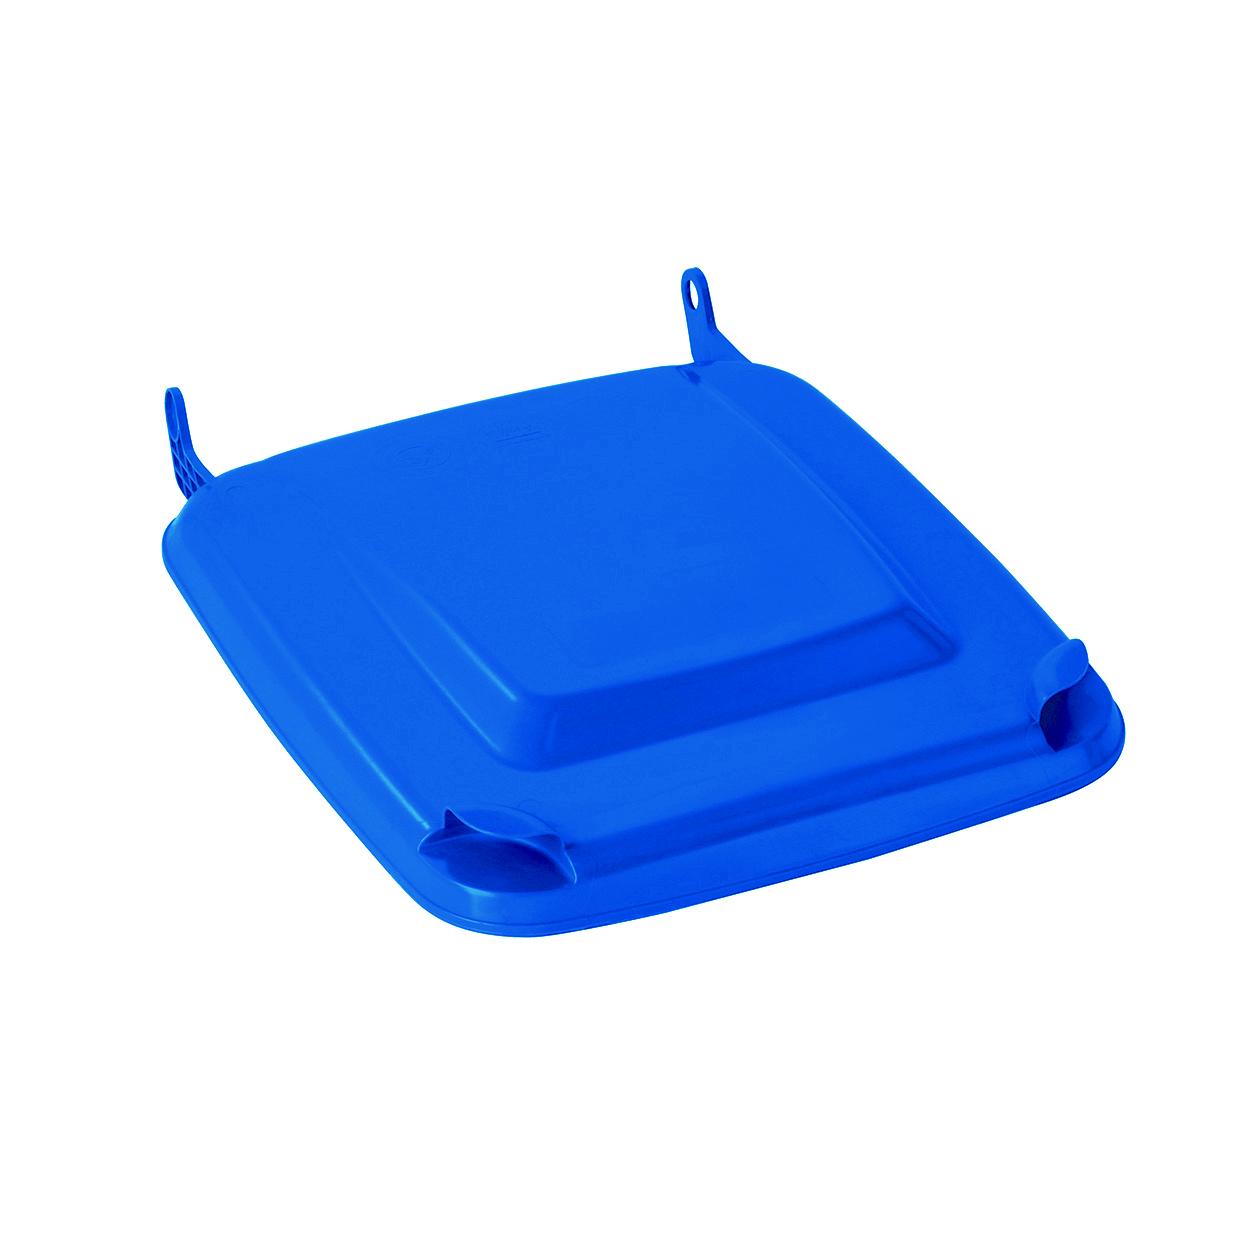 Klapa do plastikowego pojemnika 240 L, niebieska